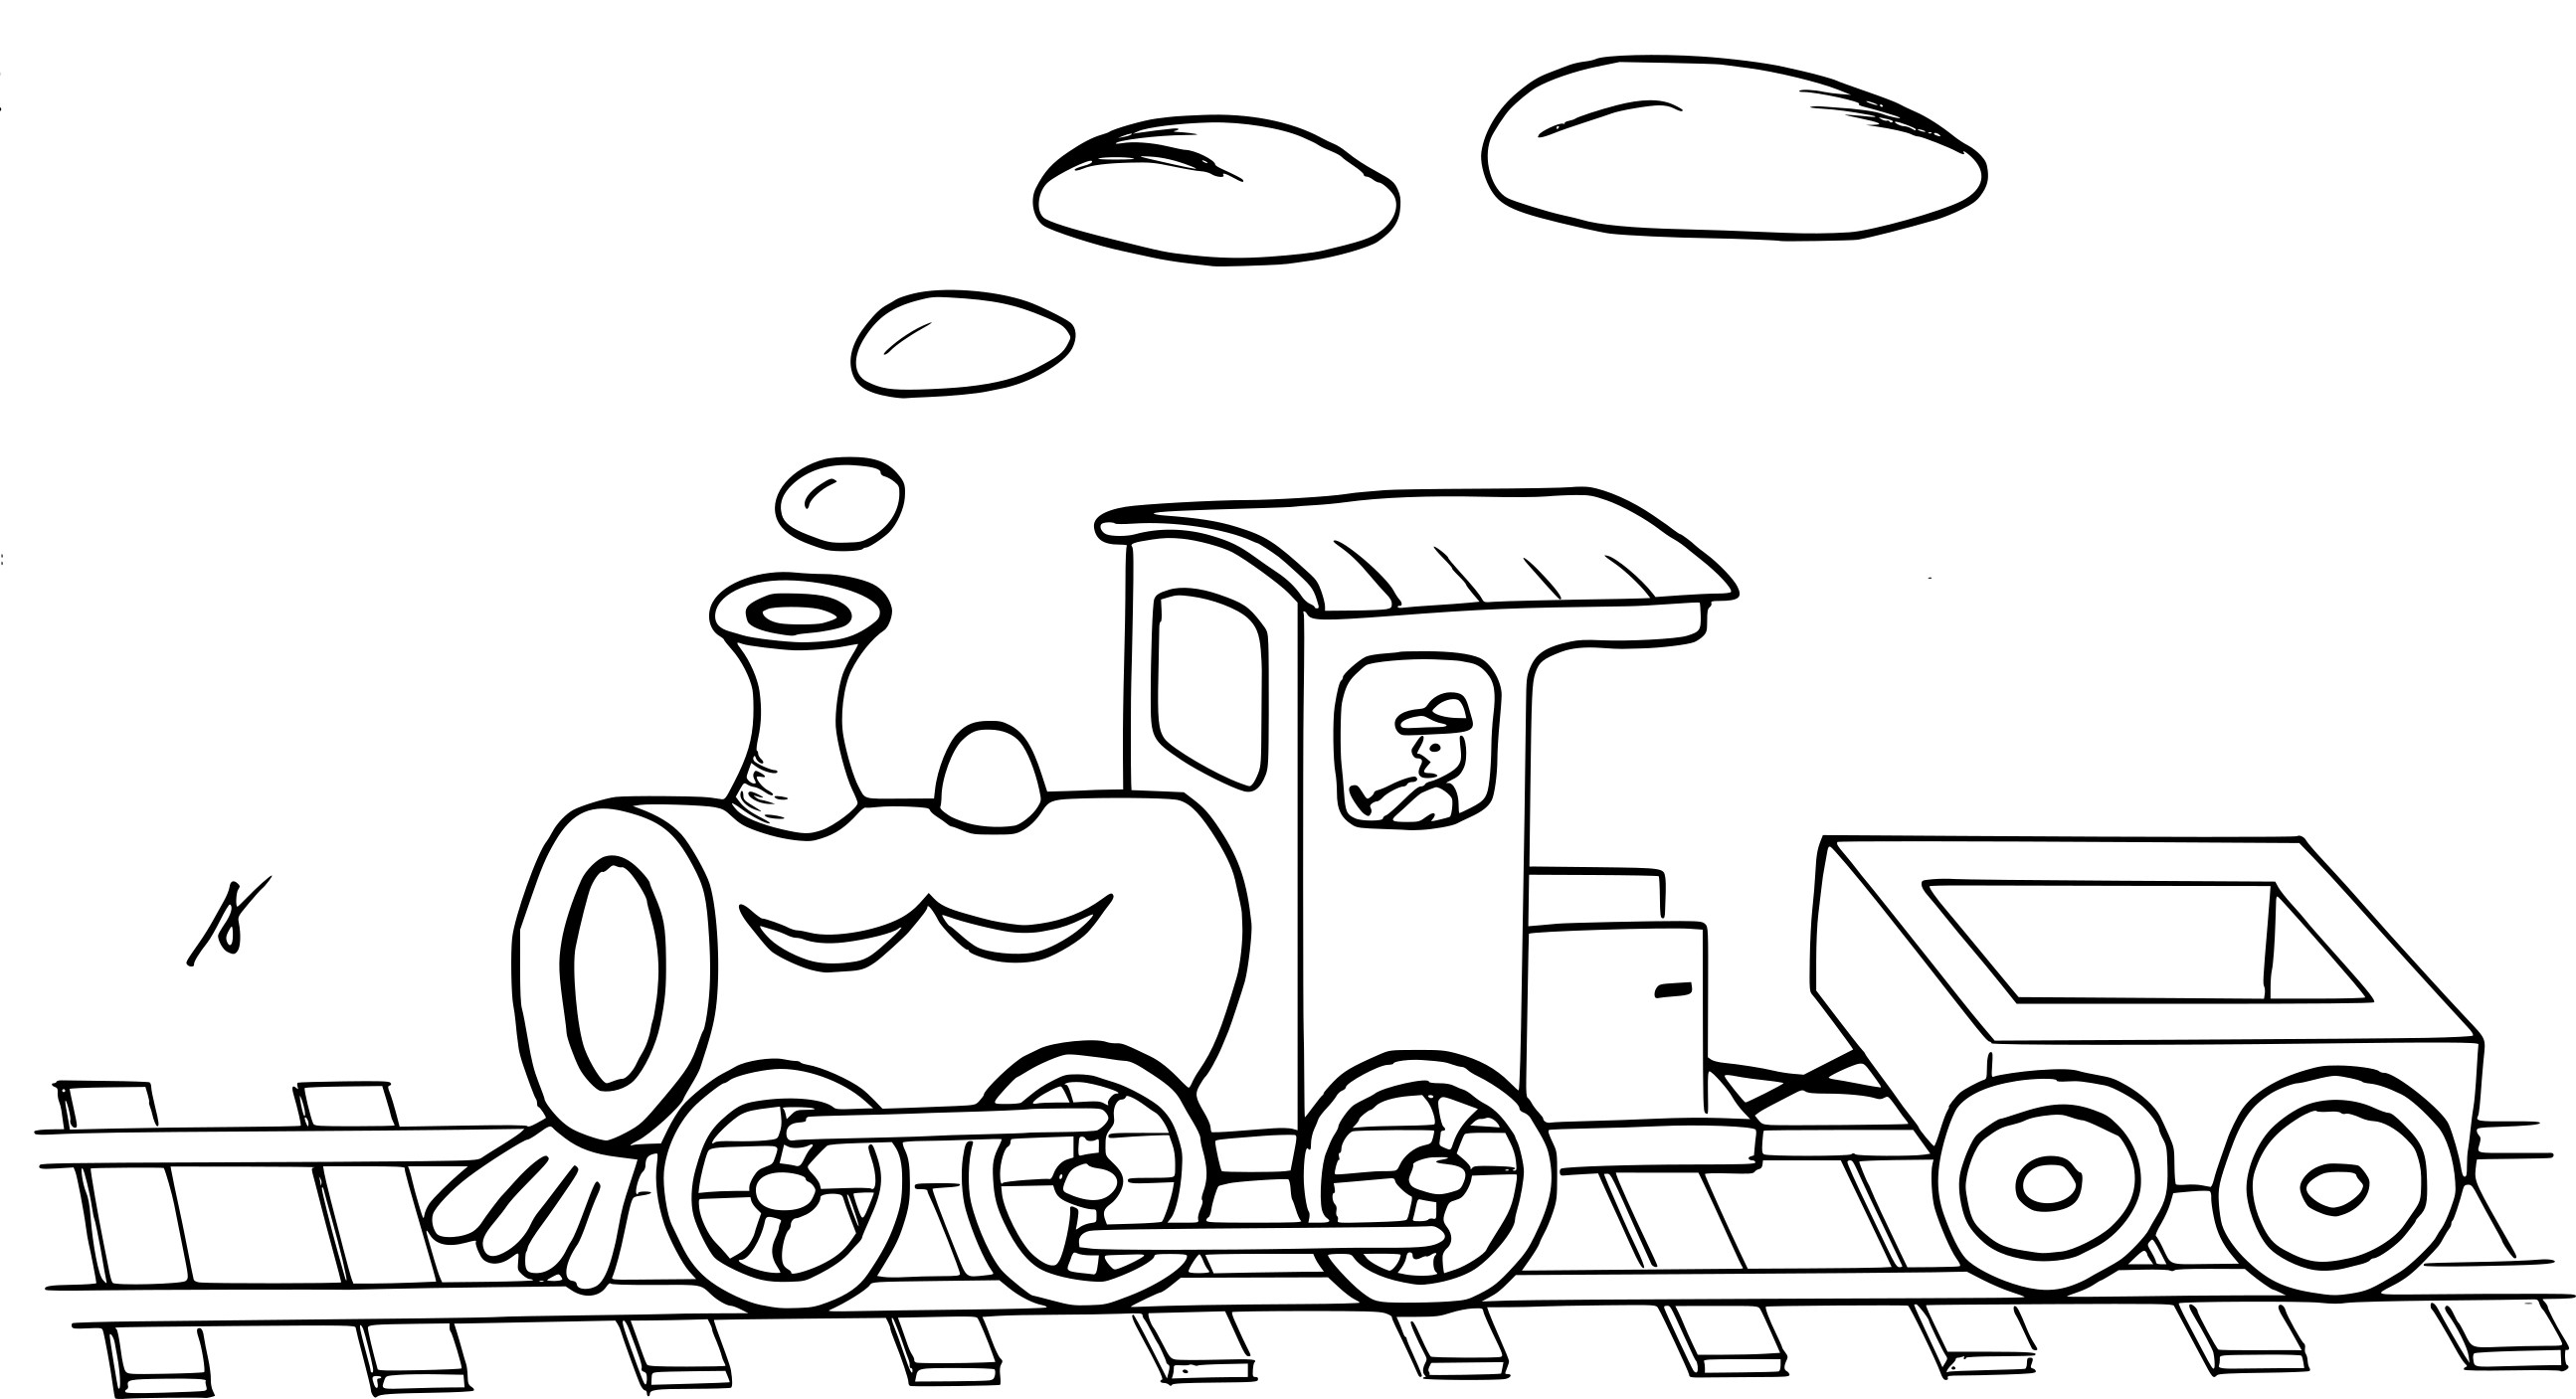 Image de train dessin - Train coloriage ...